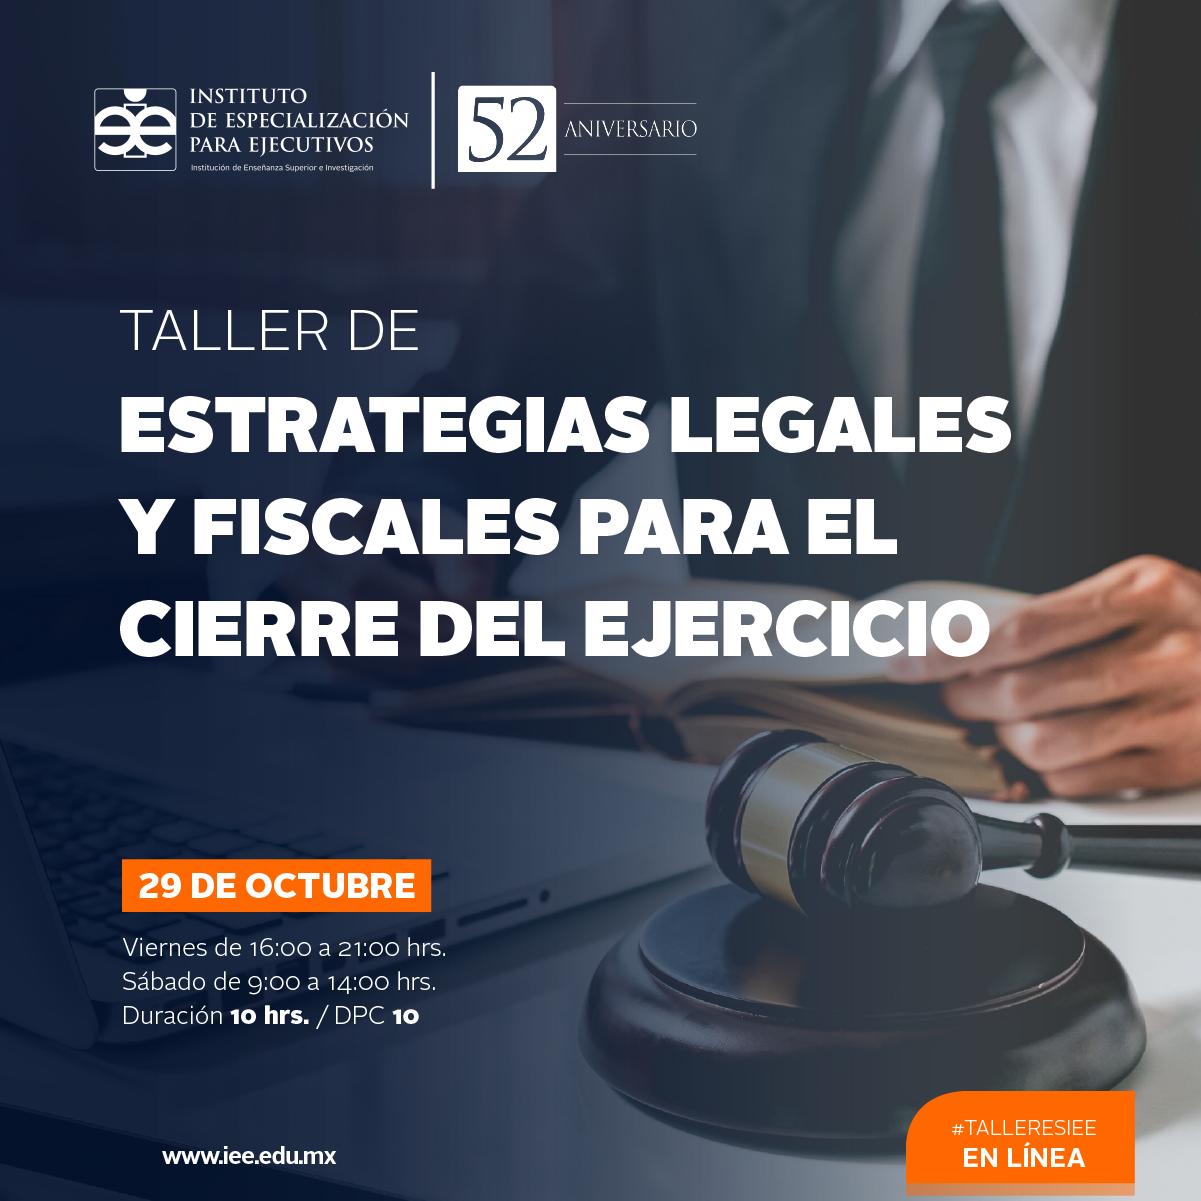 Taller en Línea en Estrategias Legales y Fiscales para el Cierre del Ejercicio